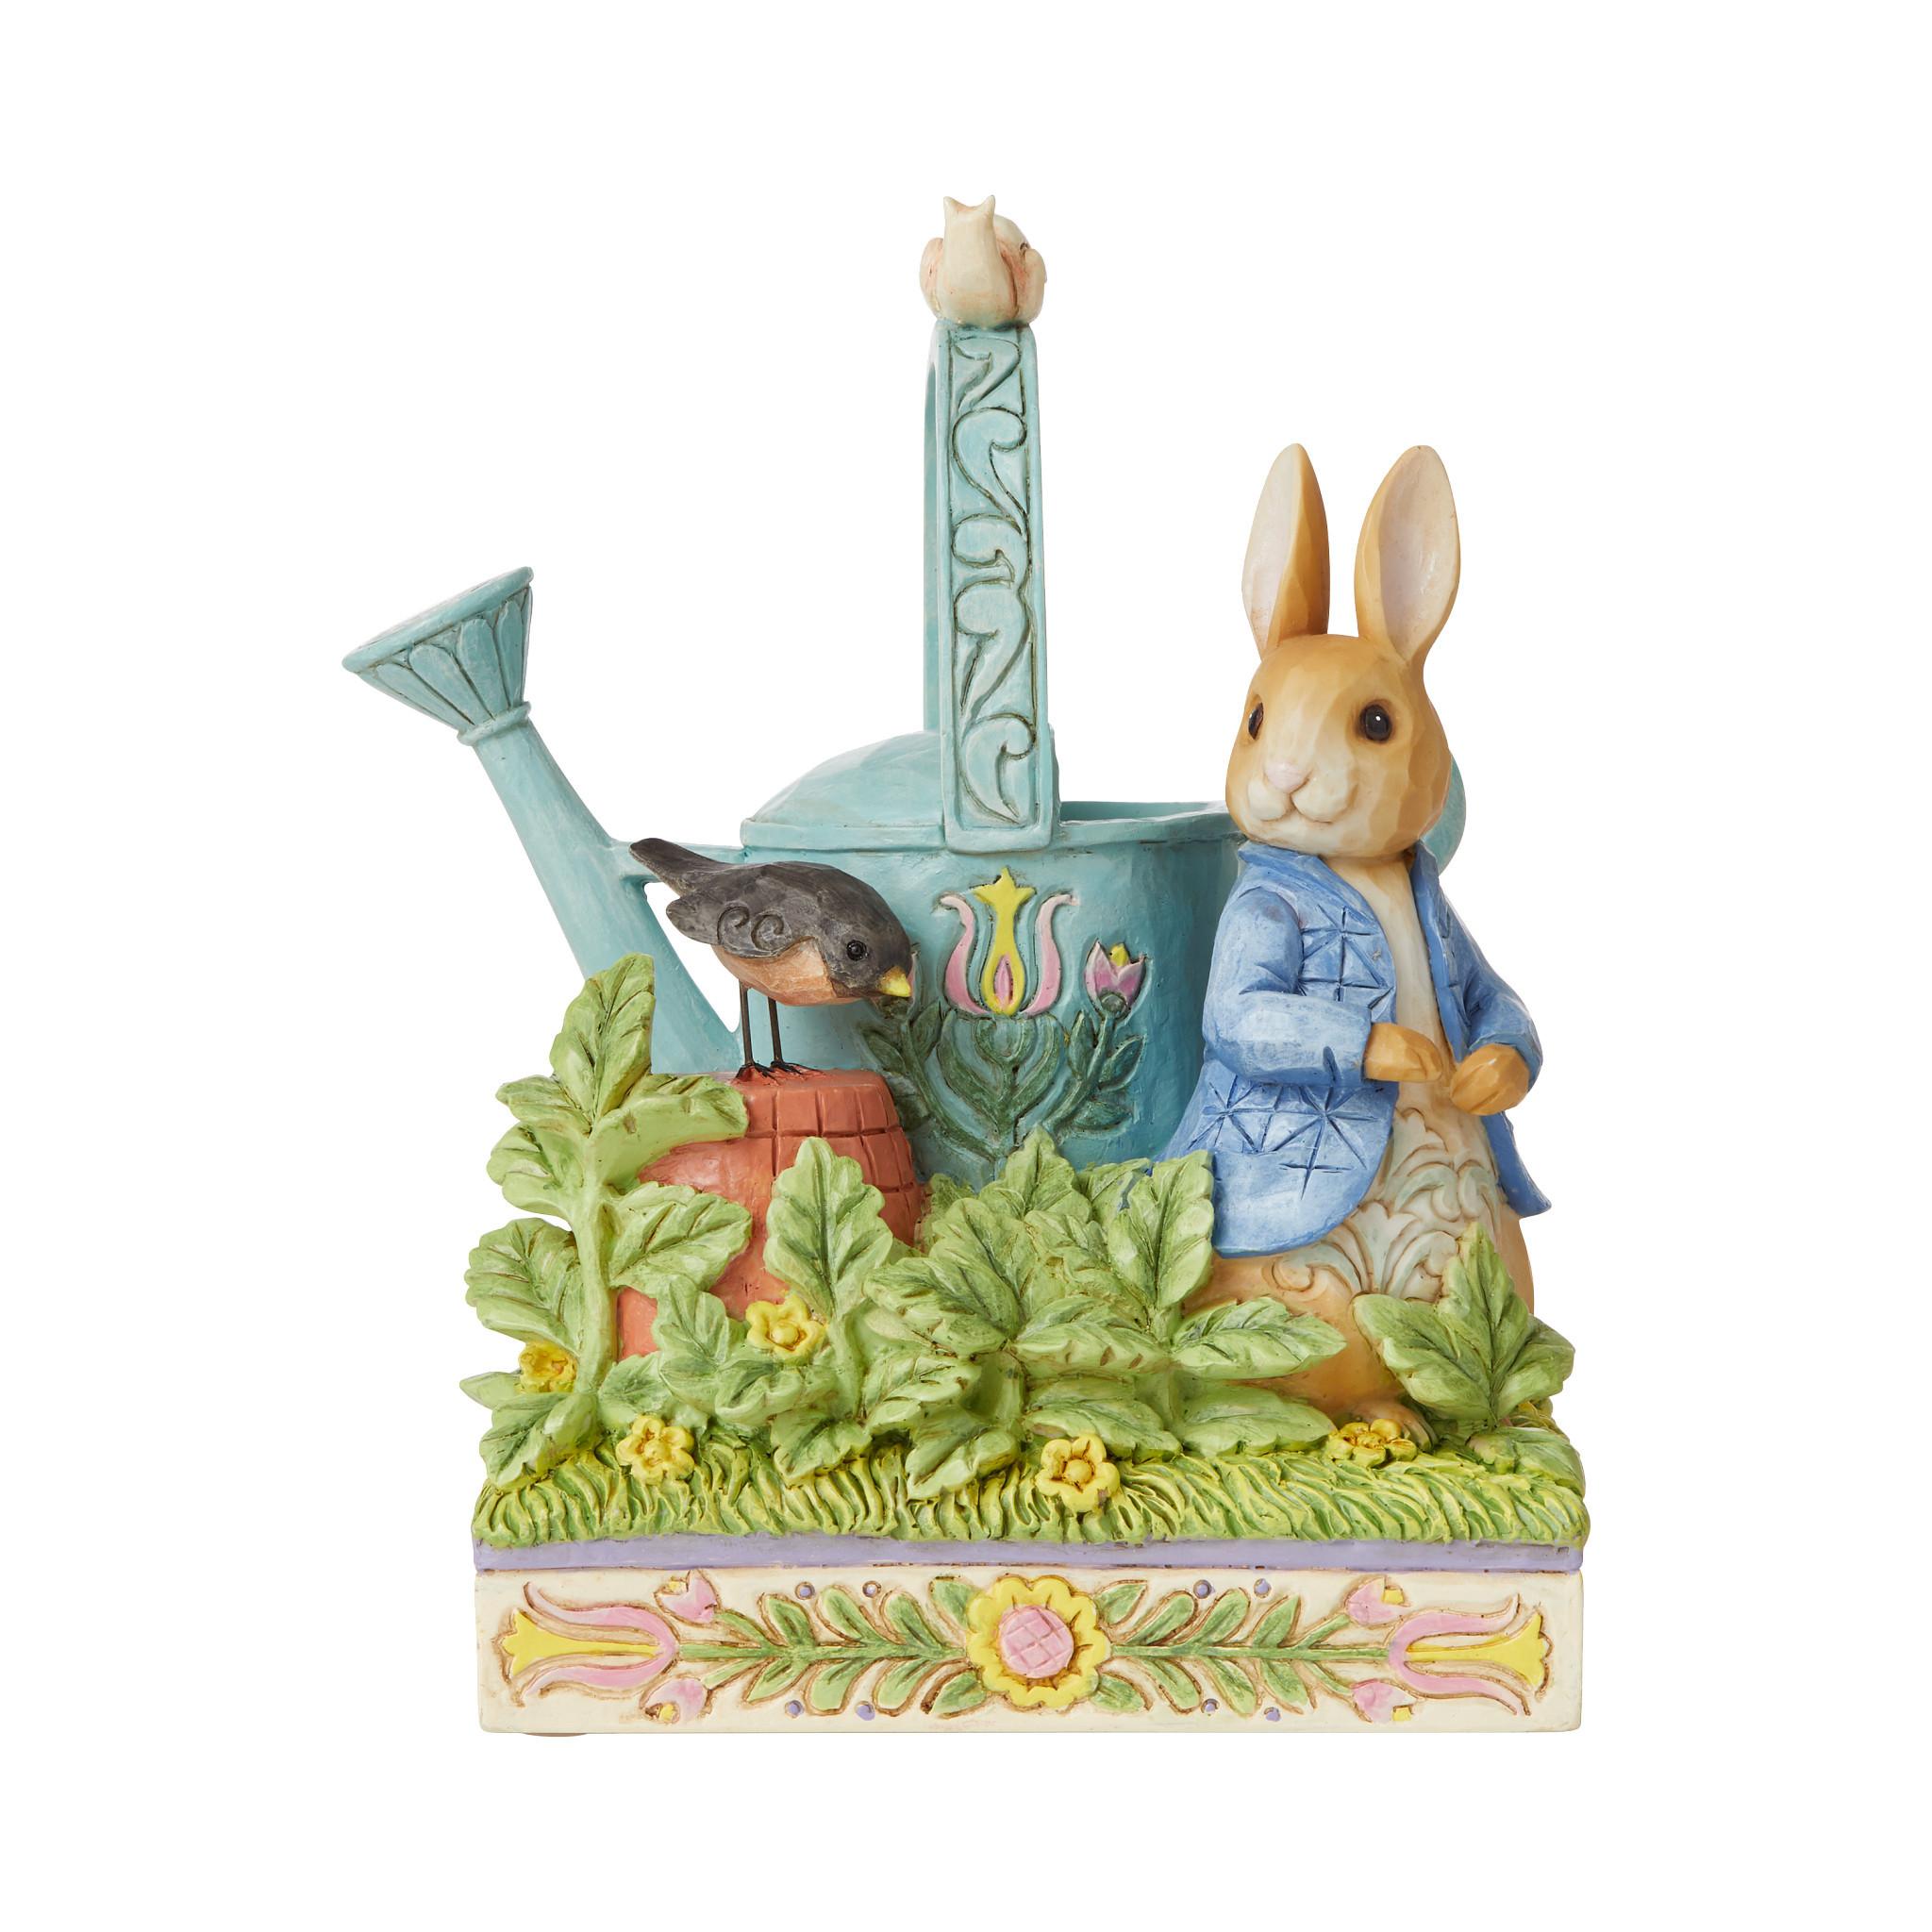 Jim Shore - Figurines 'Caught in Mr. McGregor's Garden (Peter Rabbit Figurine) N' 2021